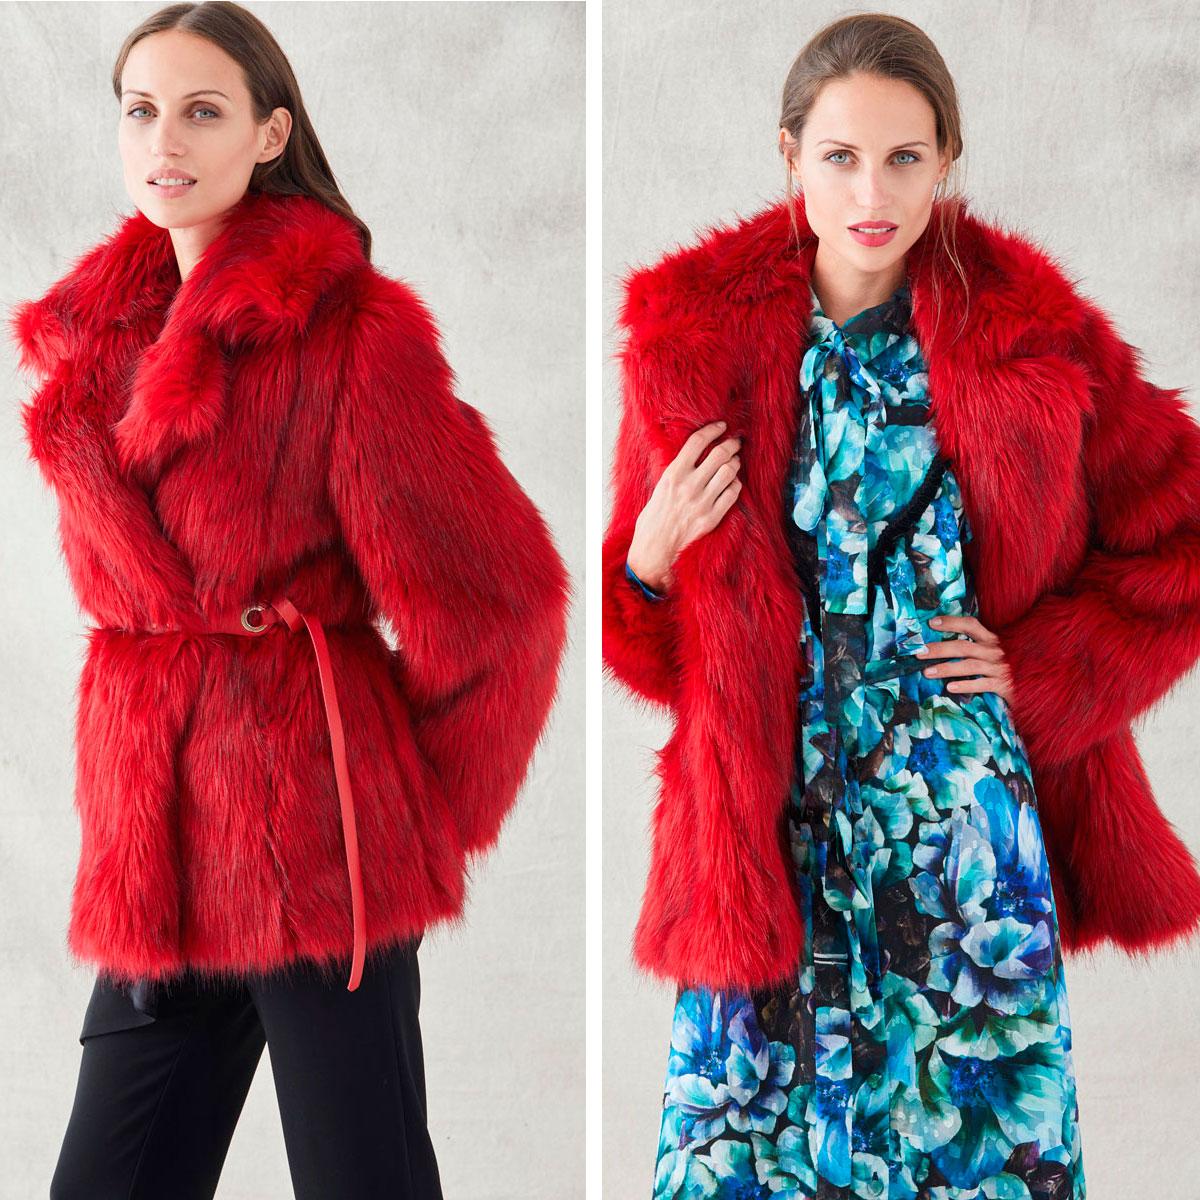 abrigo rojo de pelo sintetico de apparentia para invierno combinar con vestido y pantalon